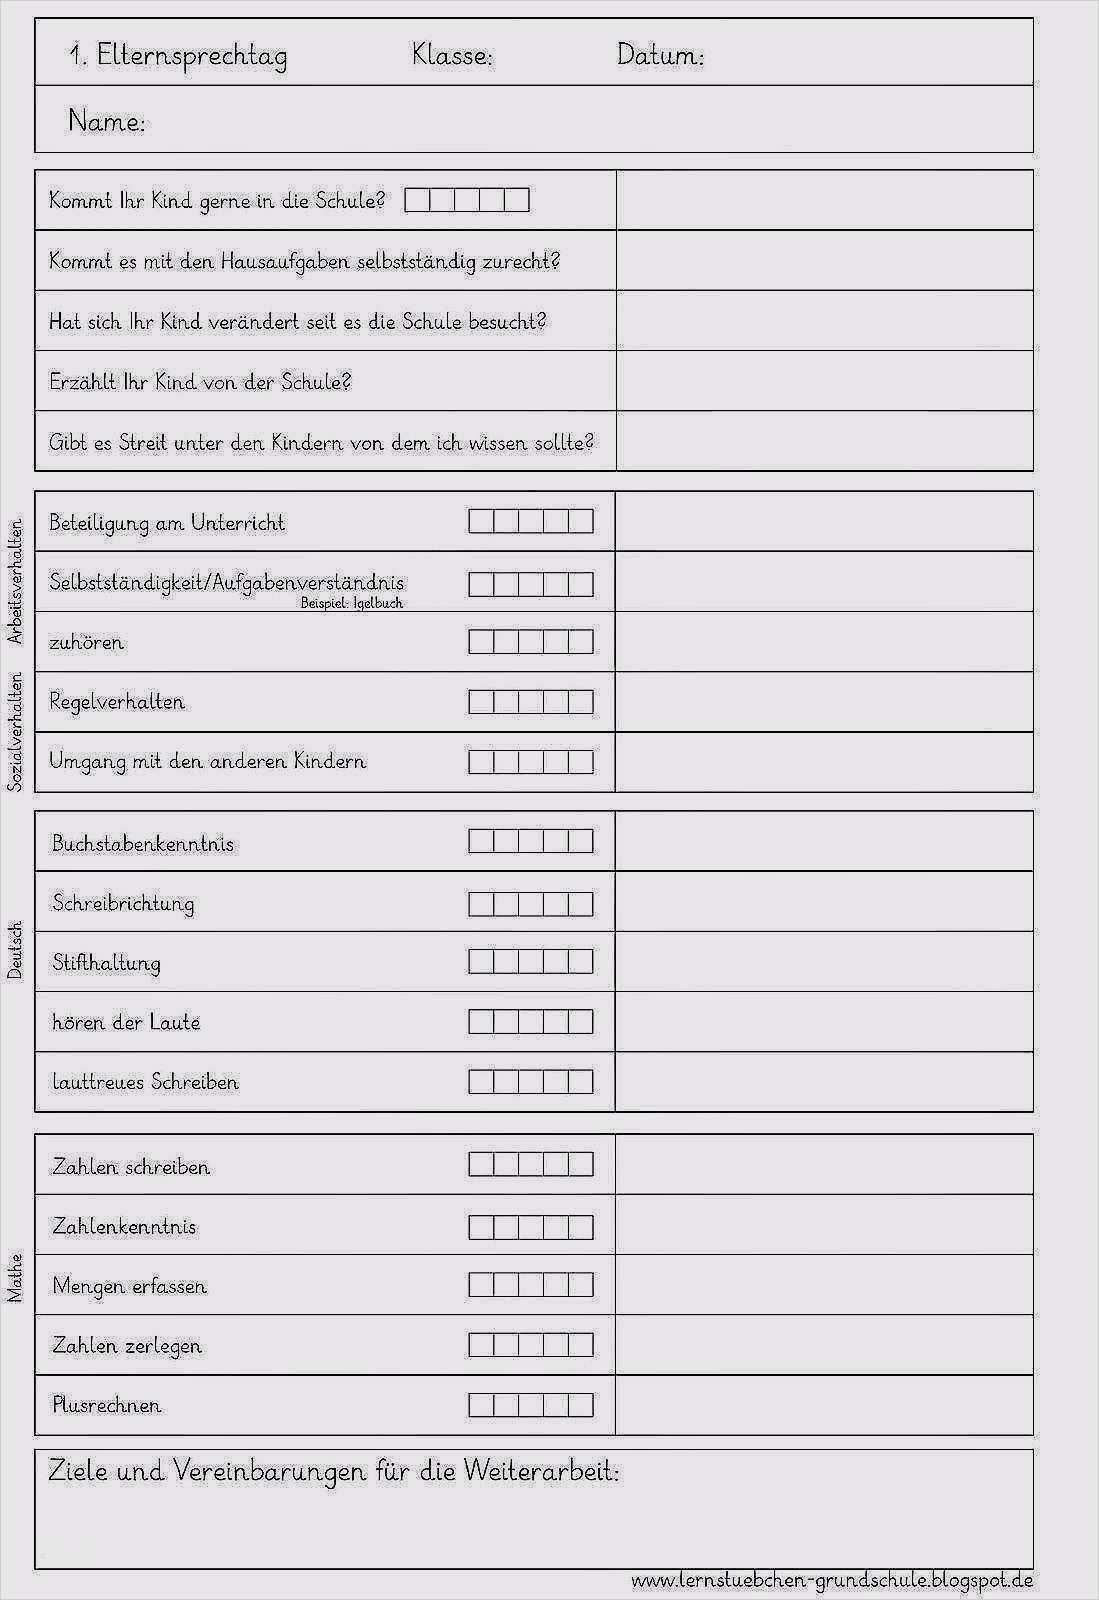 17 Schonste Beobachtungsbogen Vorlage Kindergarten